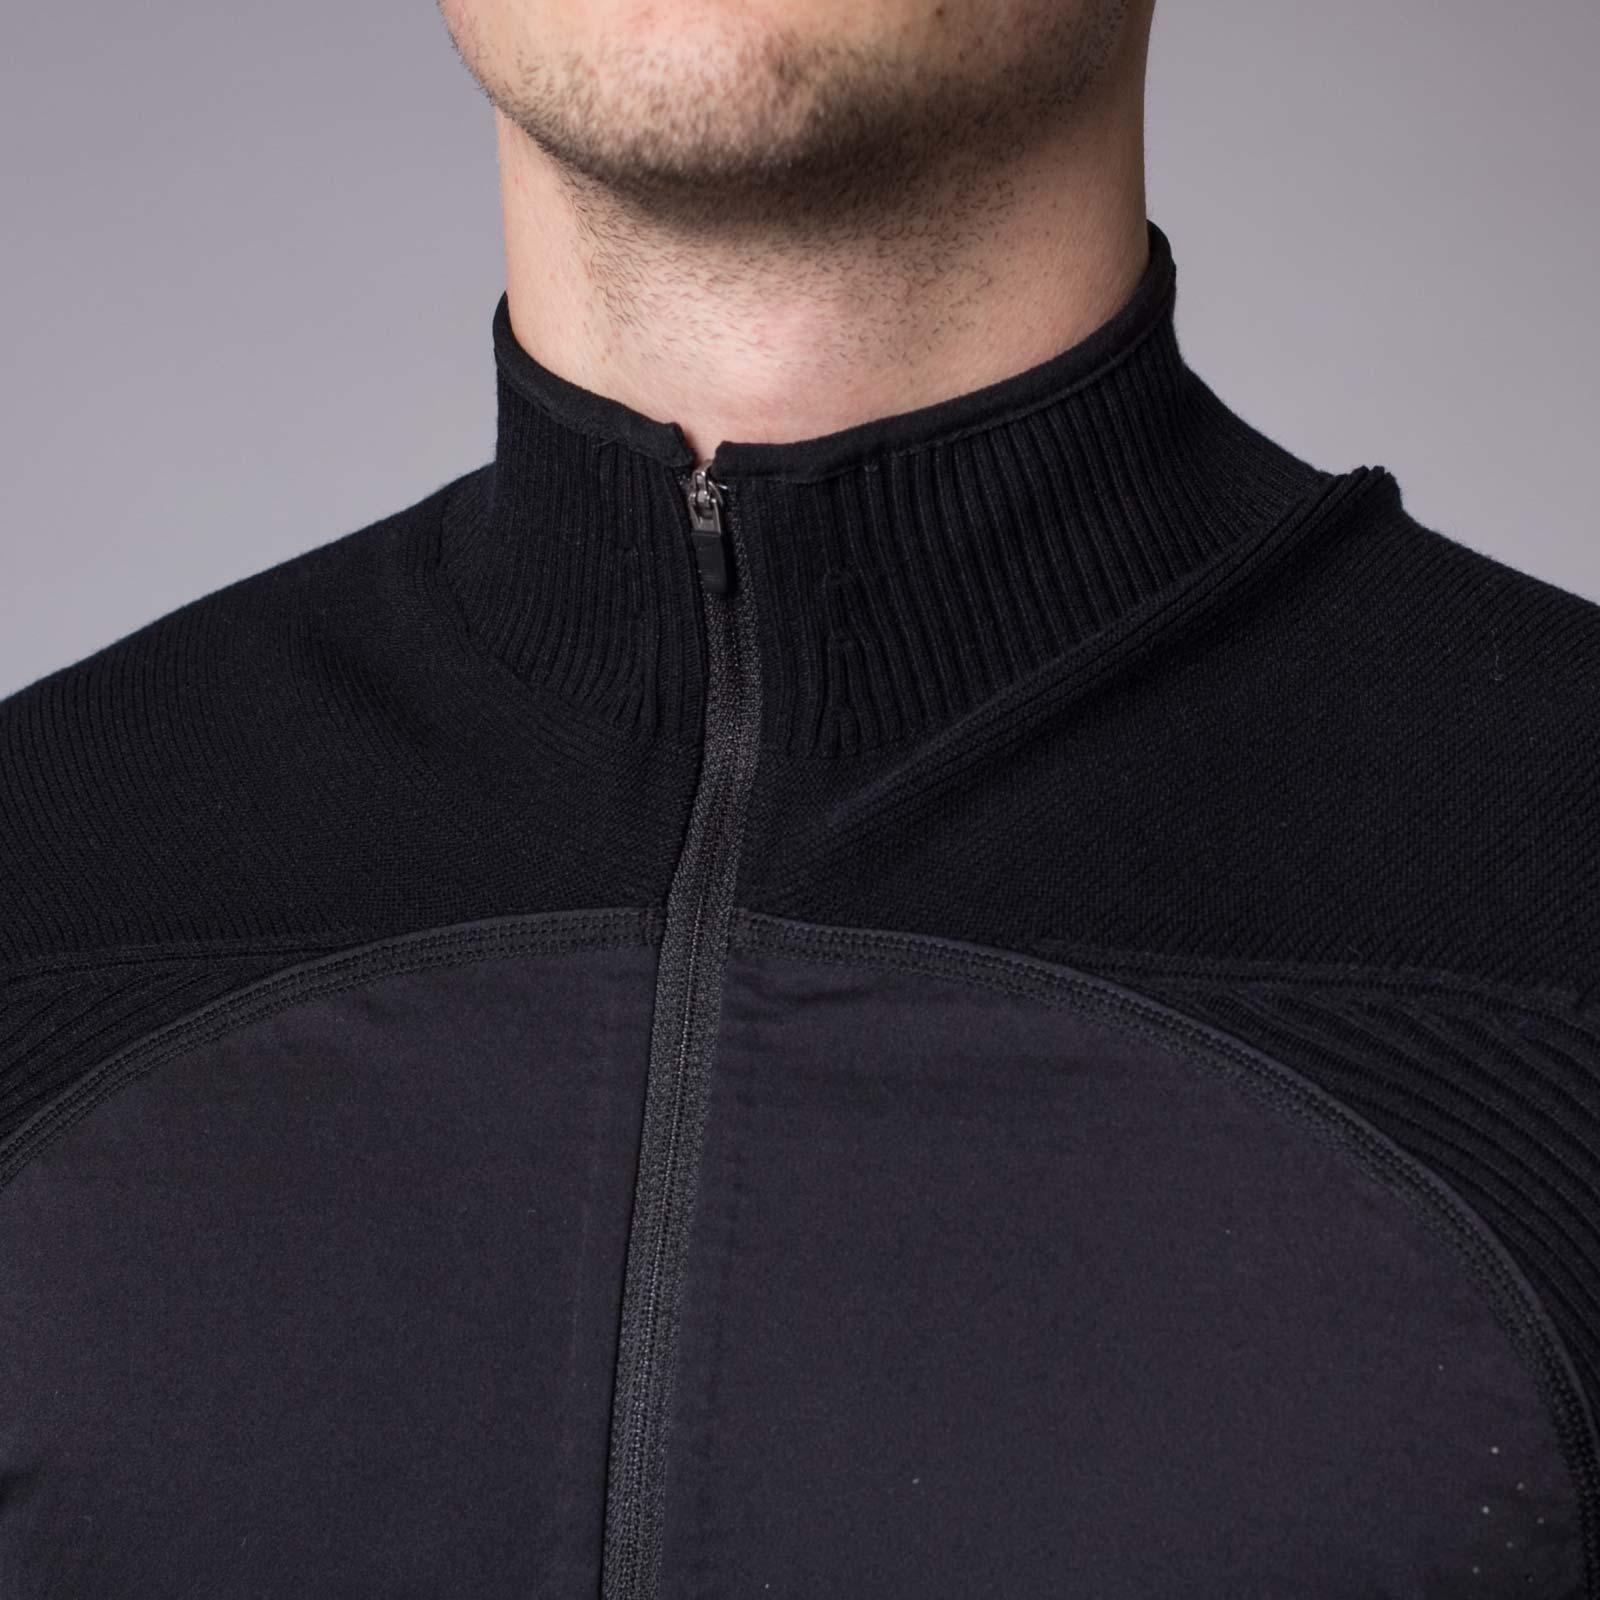 low priced dda89 67550 Nike AS Gyakusou Engi Knit SLV Jacket - 7. Close